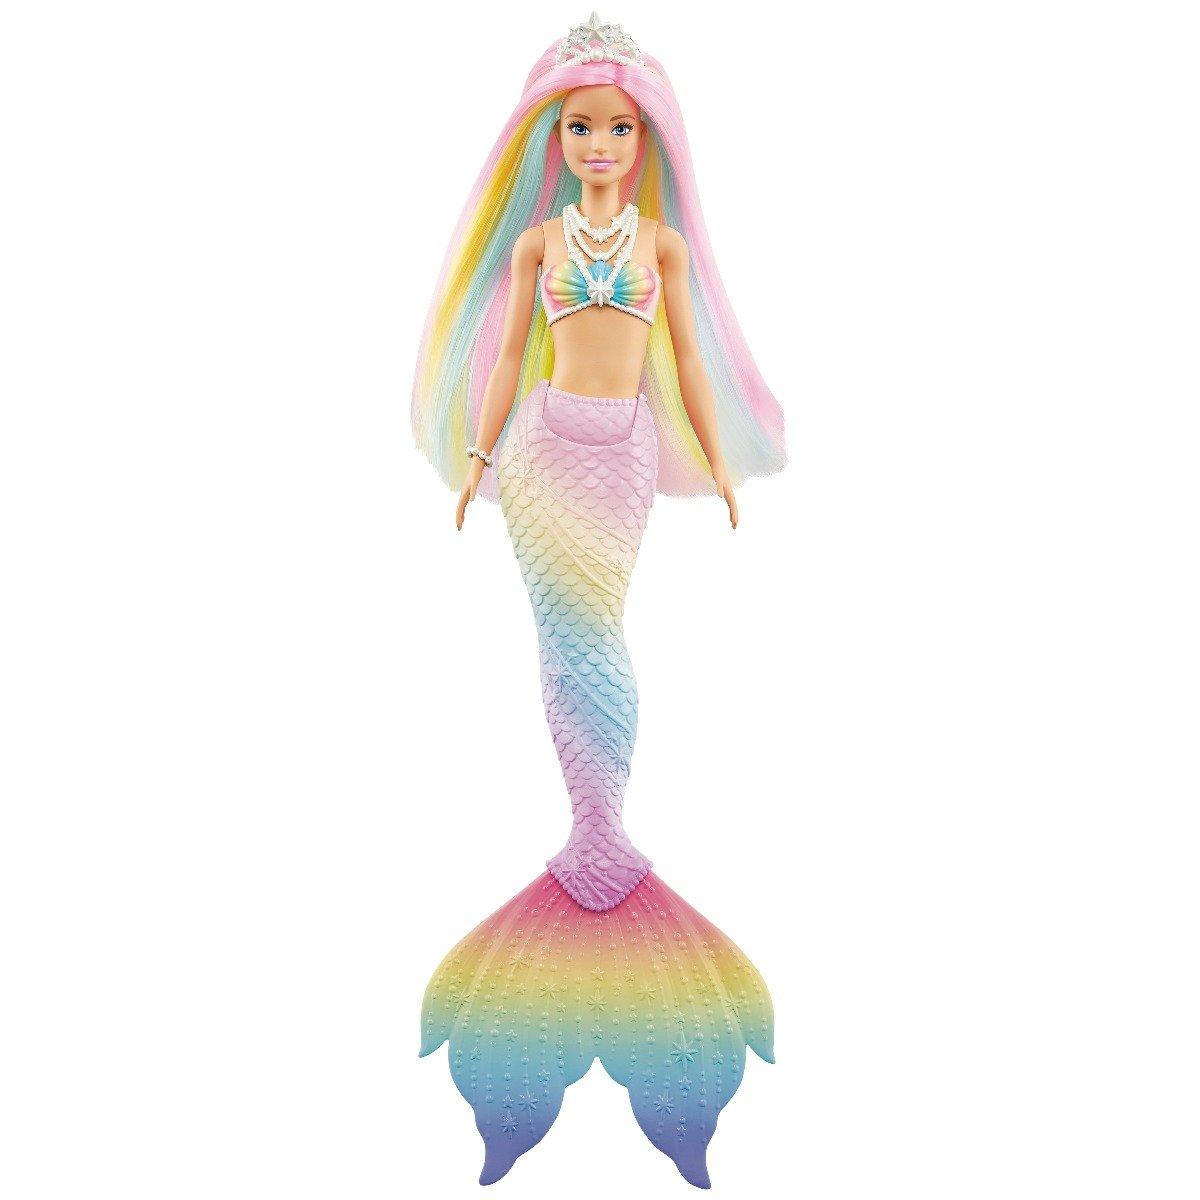 Papusa Barbie Dreamtopia Color Change, Sirena